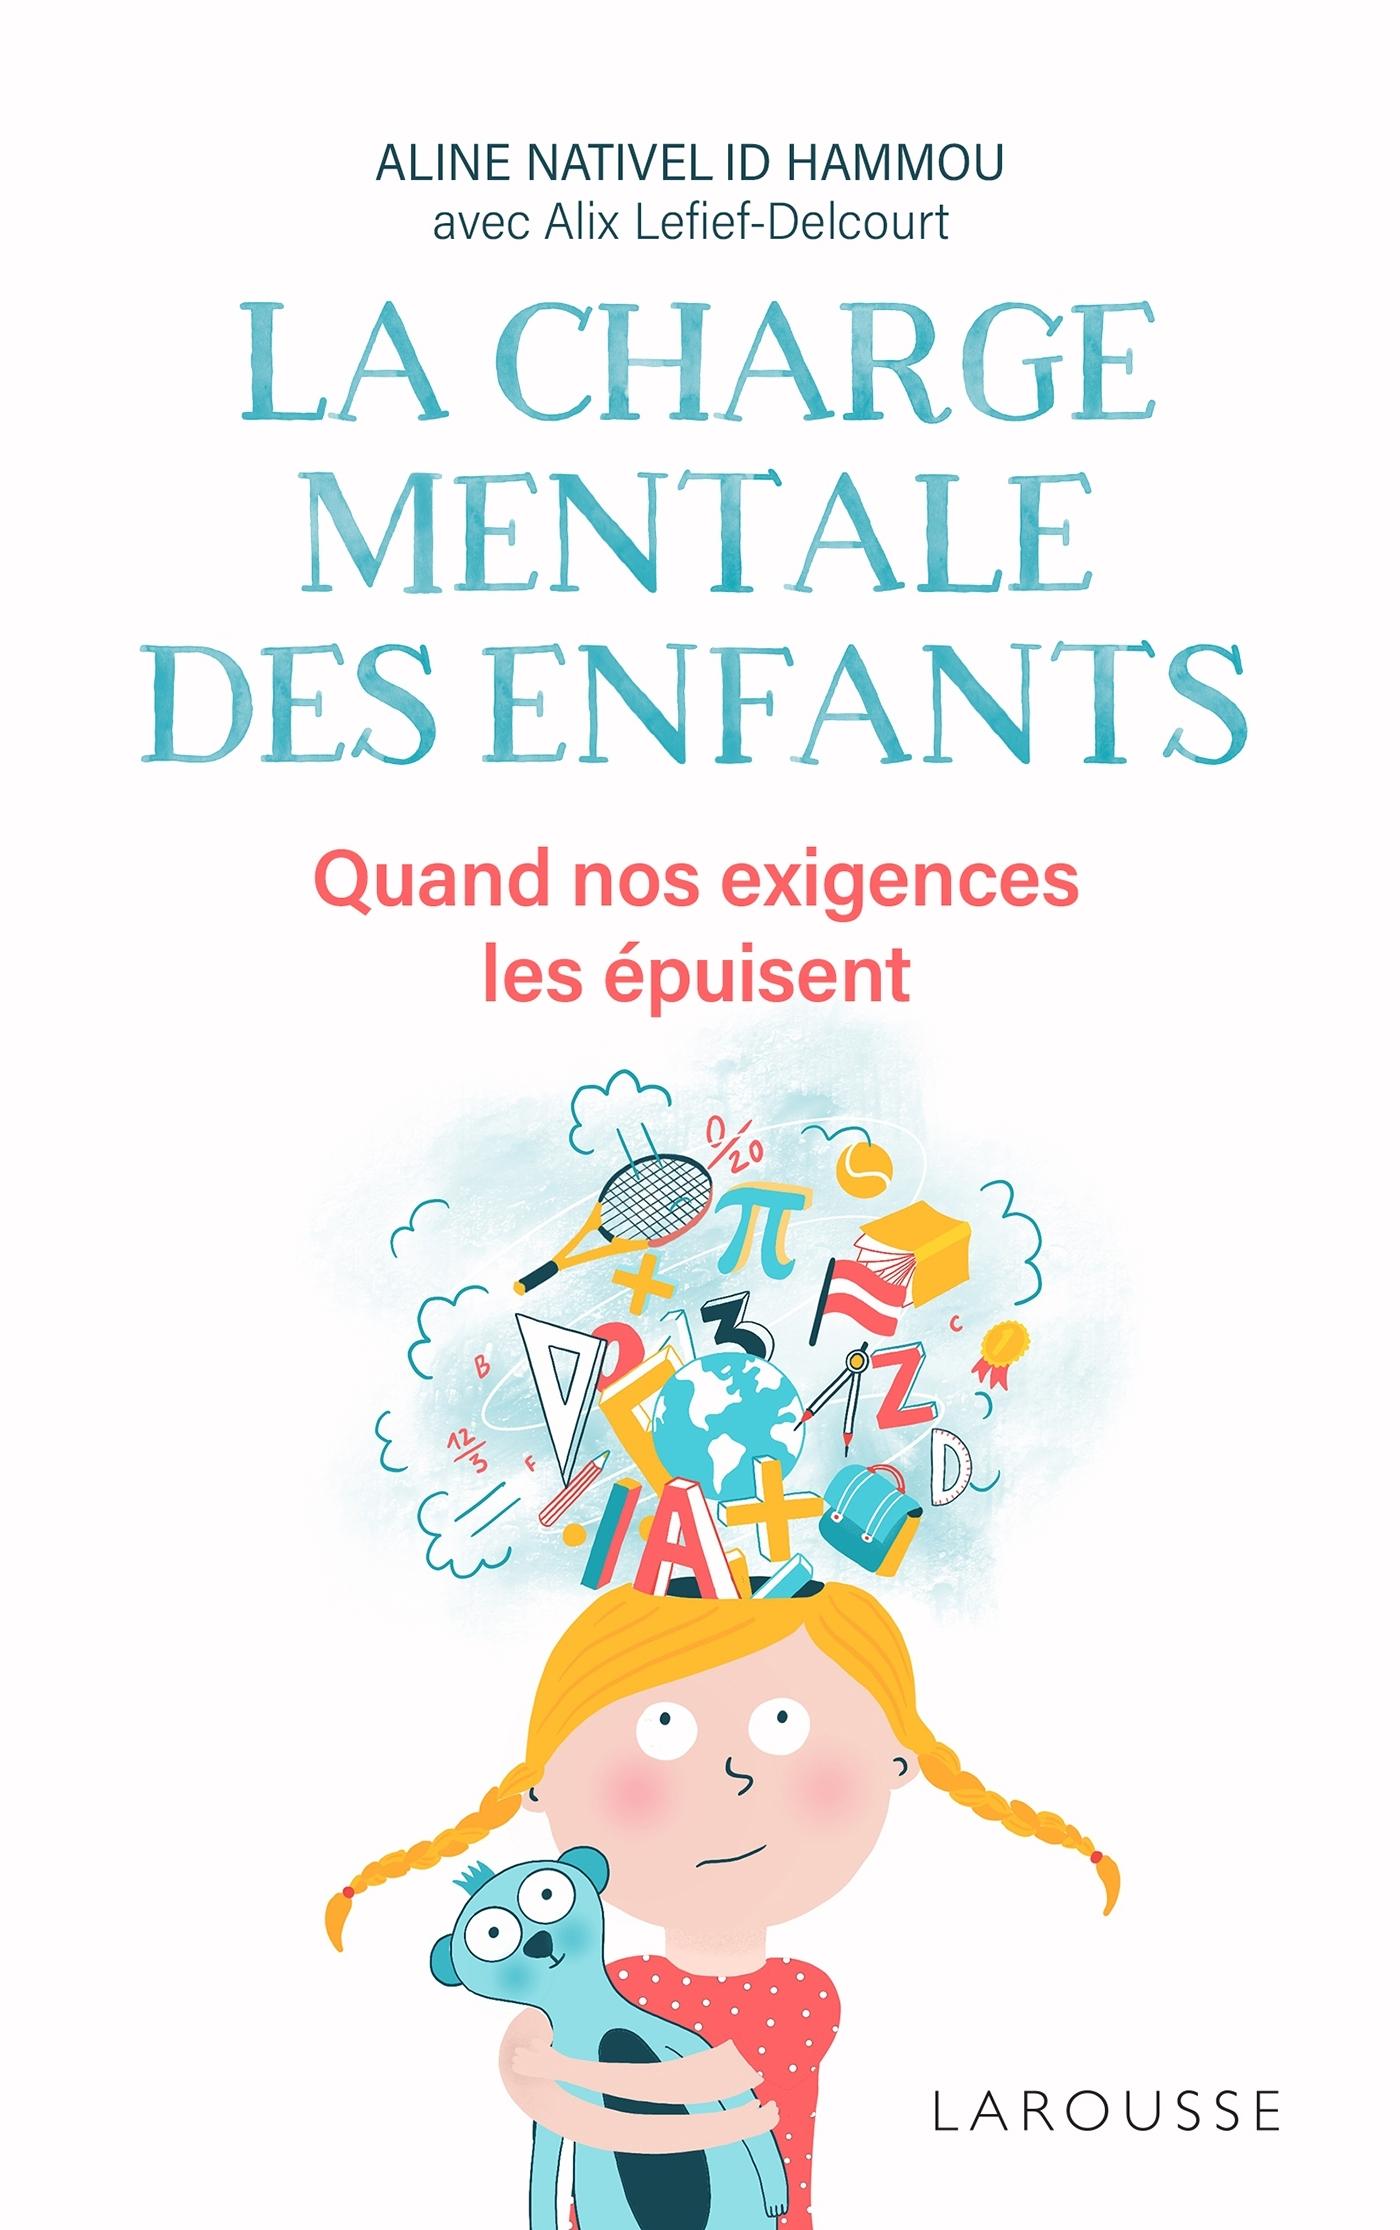 LA CHARGE MENTALE DES ENFANTS - QUAND NOS EXIGENCES LES EPUISENT